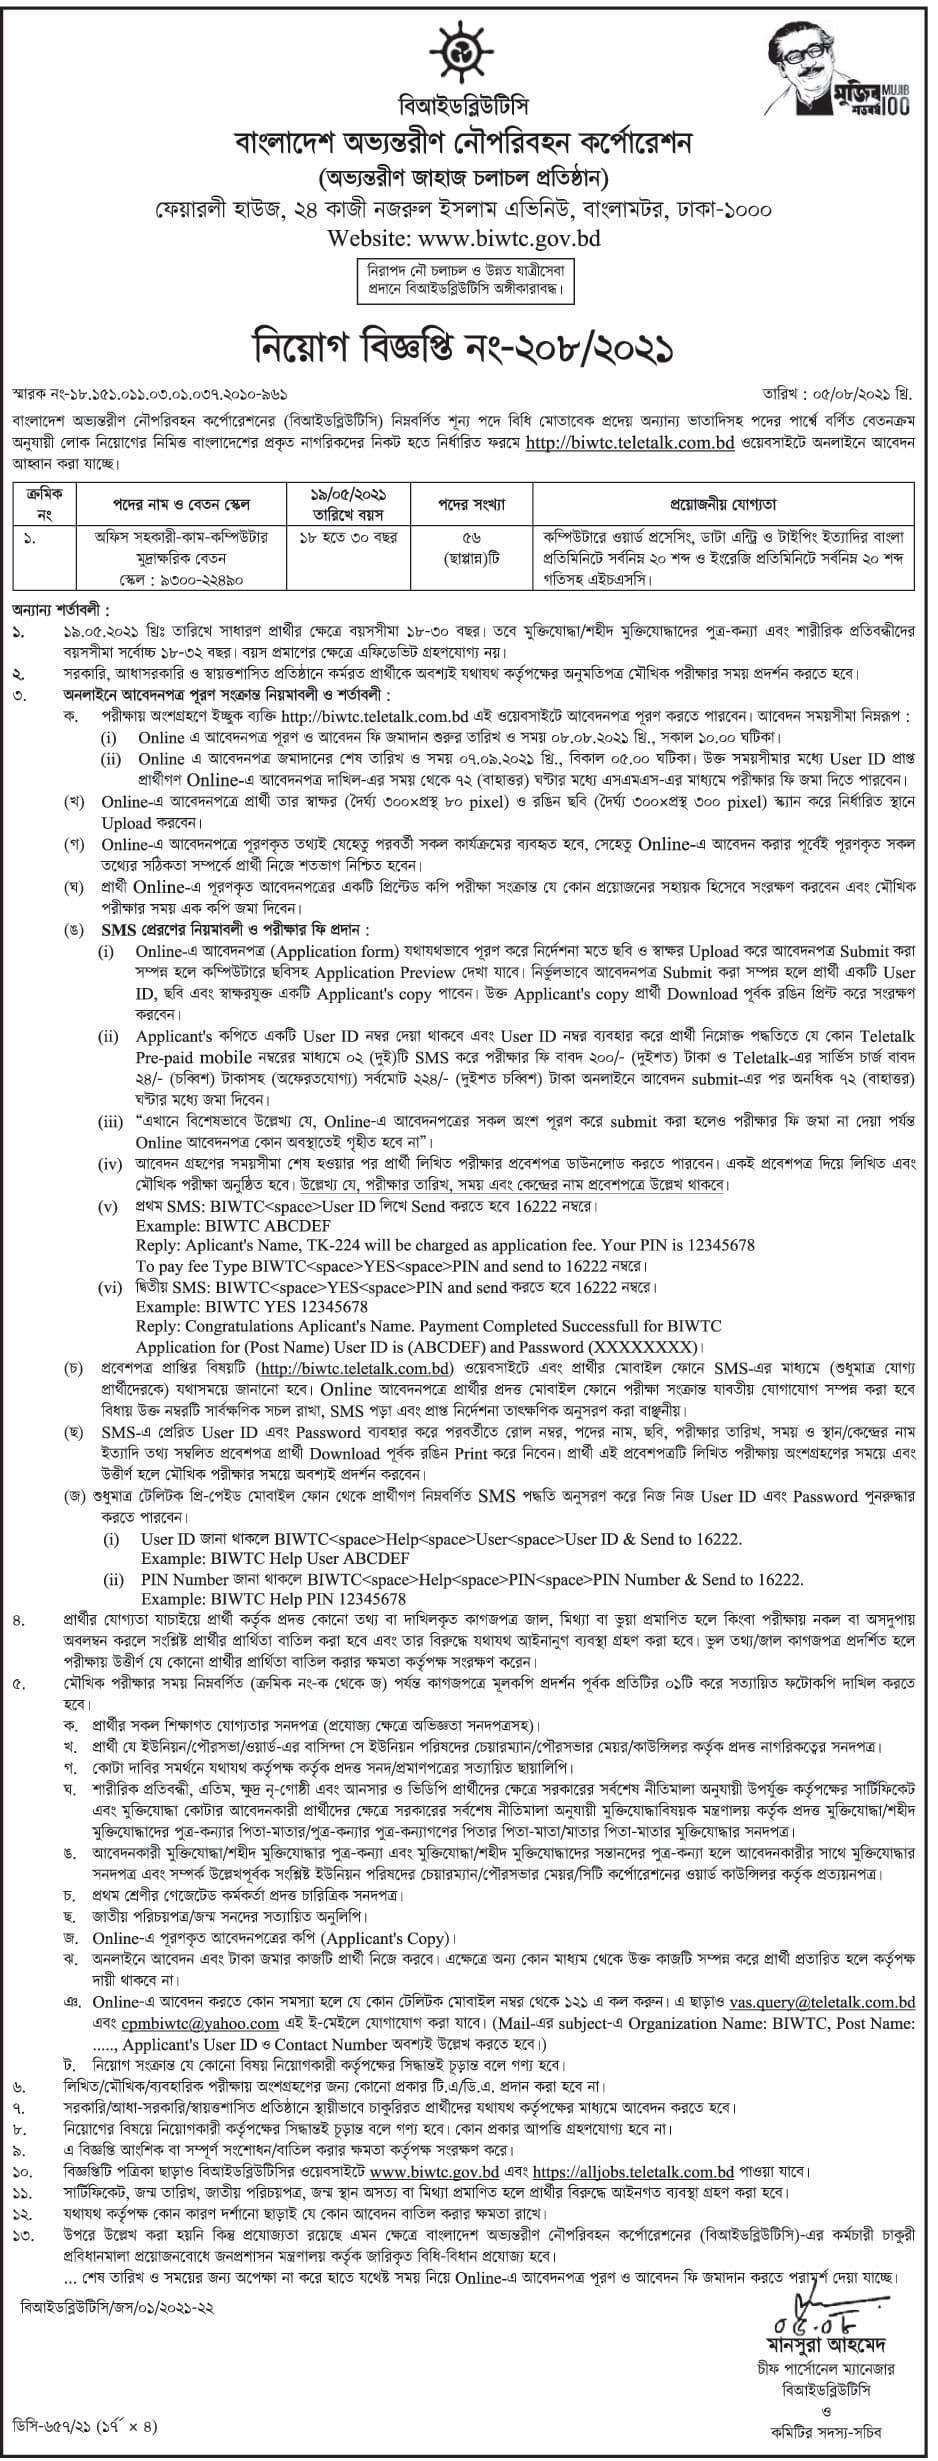 BIWTC Job Circular 2021